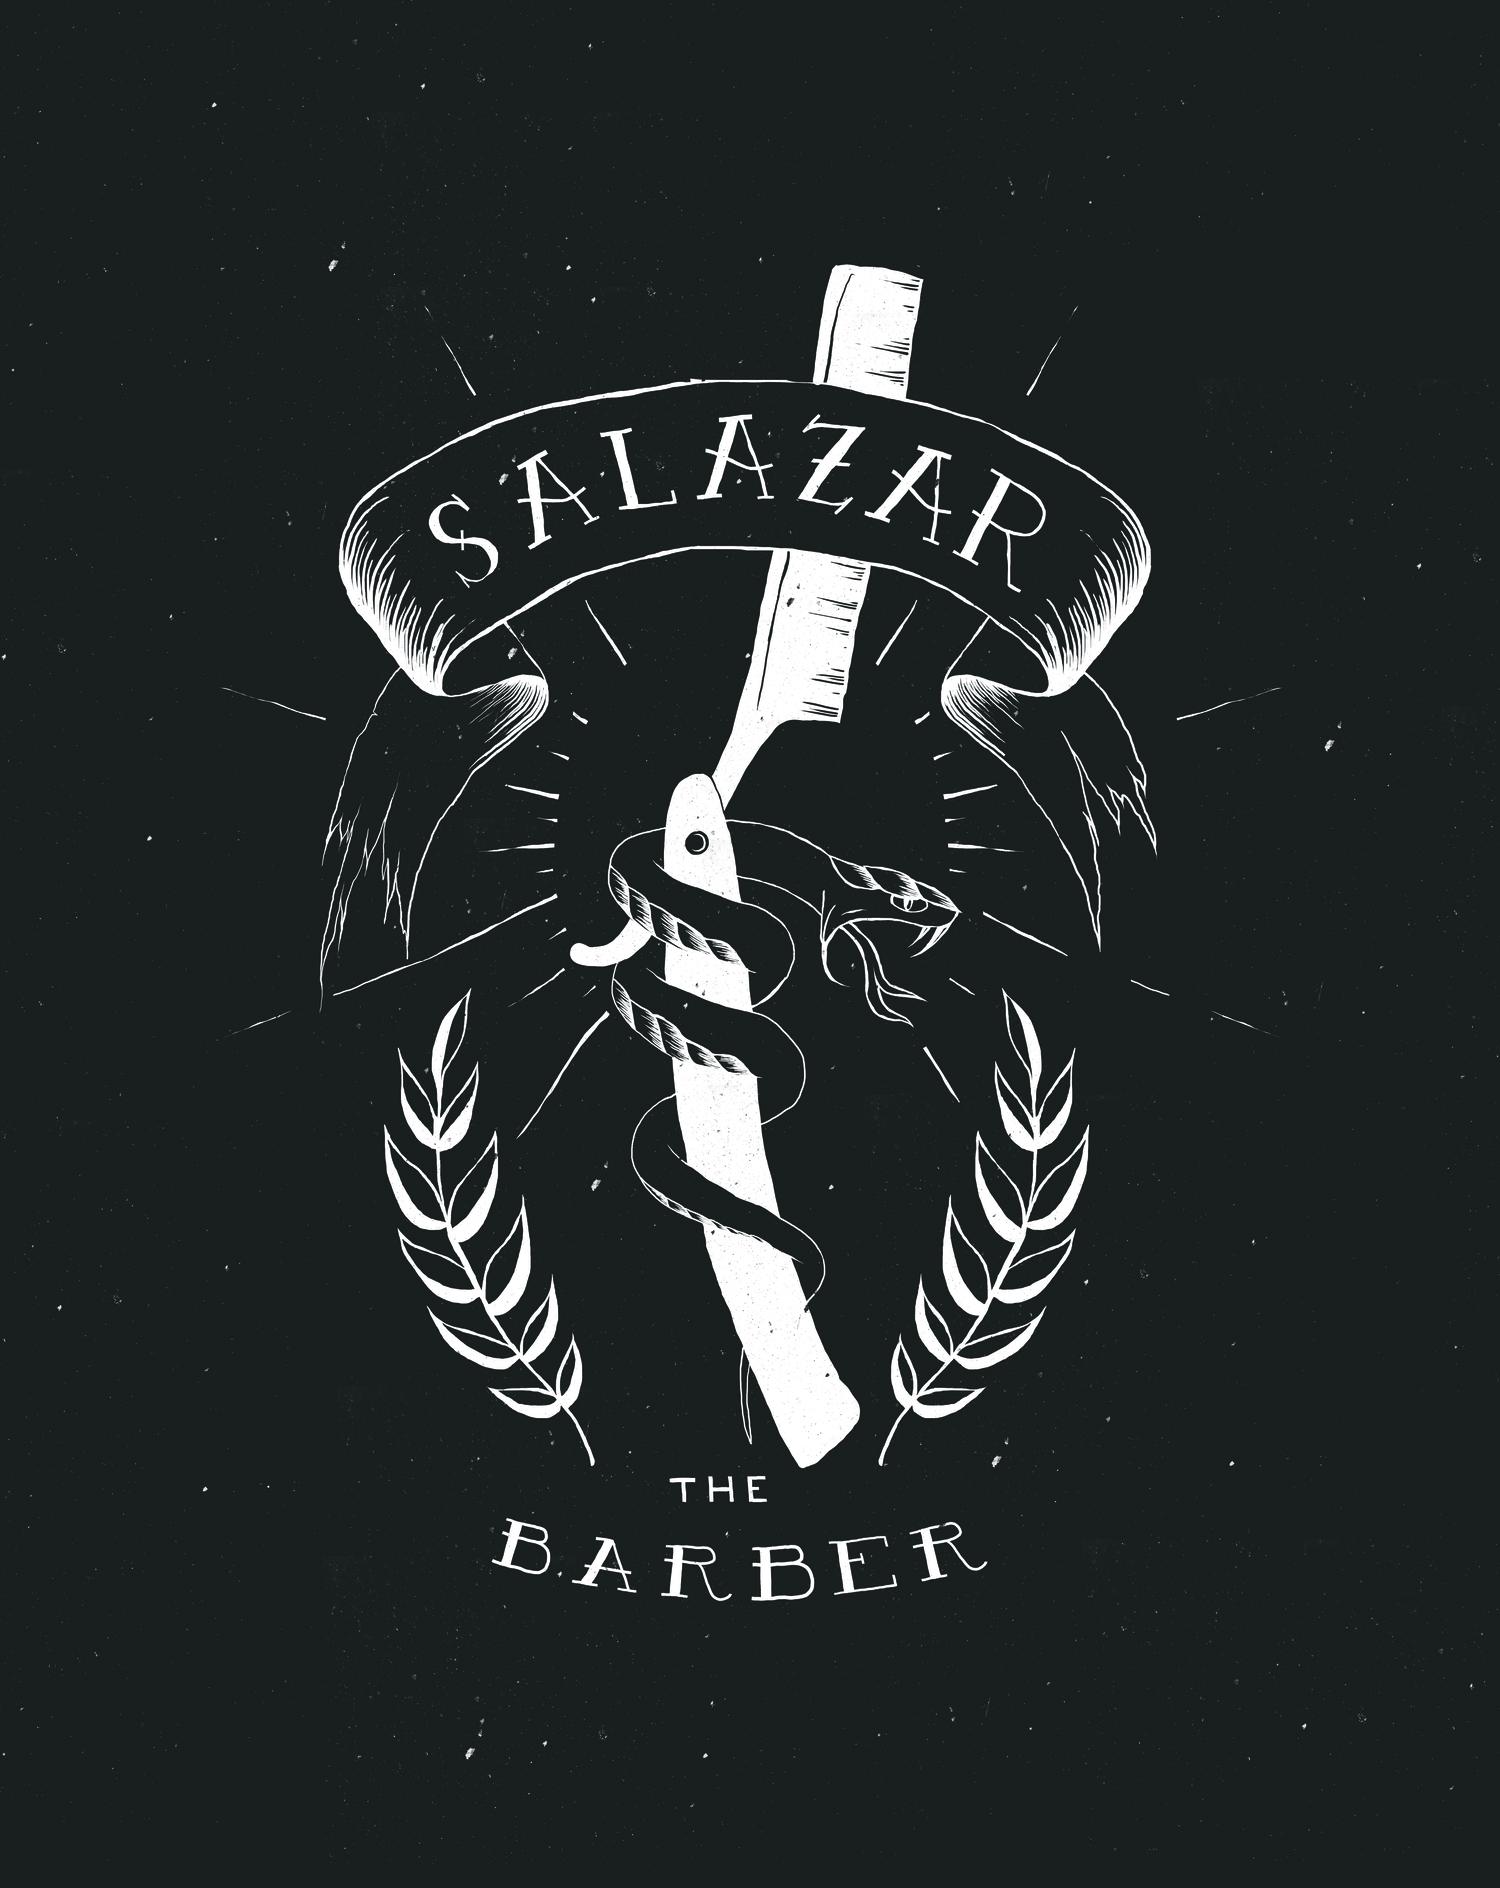 salazar_shirt_razor.jpg